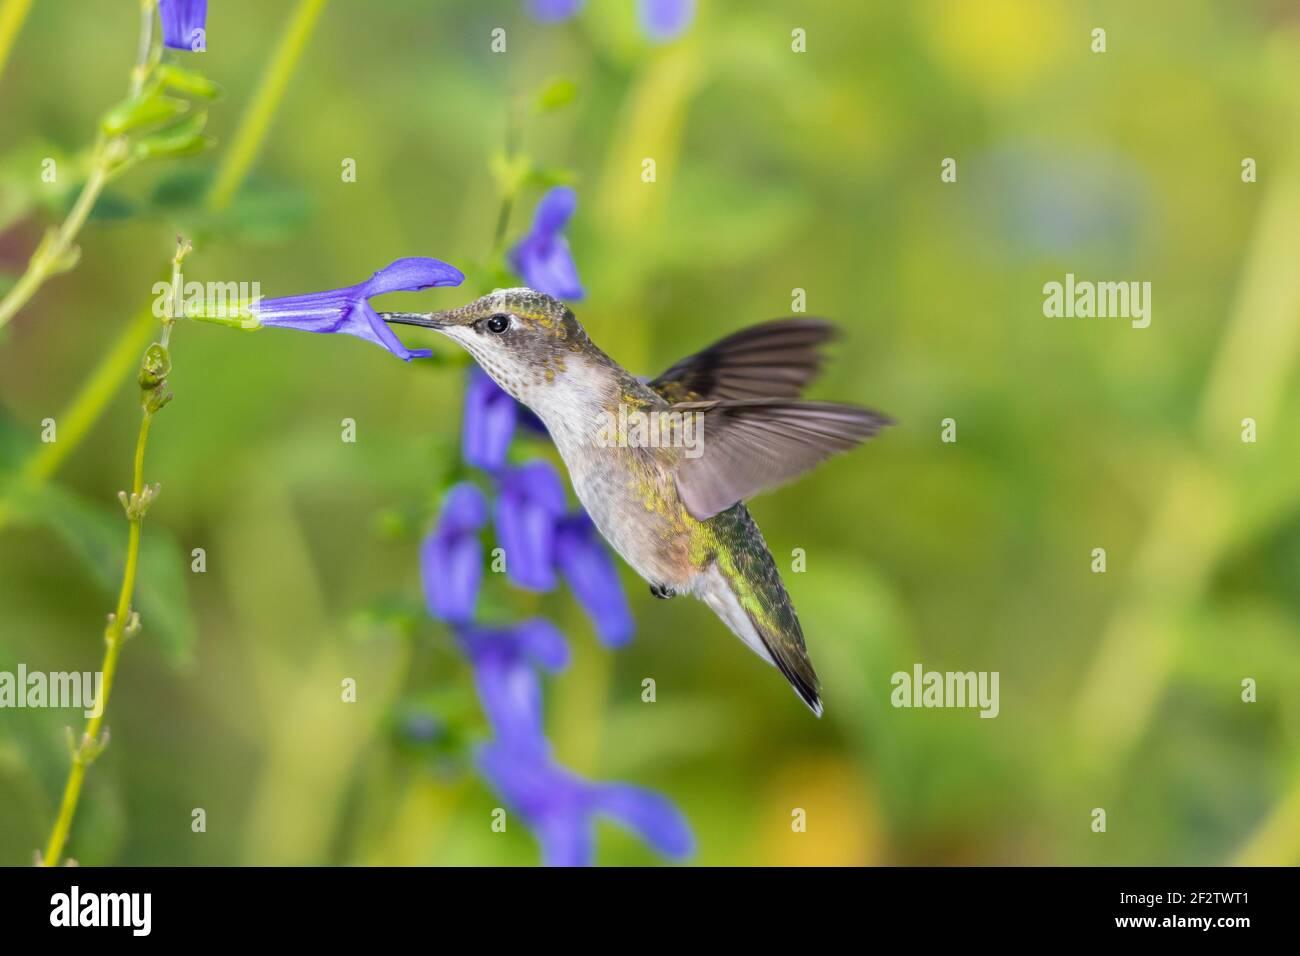 01162-16214 Hummingbird de garganta rubí (Archilochus colubris) en el Blue Ensign Salvia (Salvia guaranitica ' Blue Ensign') Marion Co. IL Foto de stock